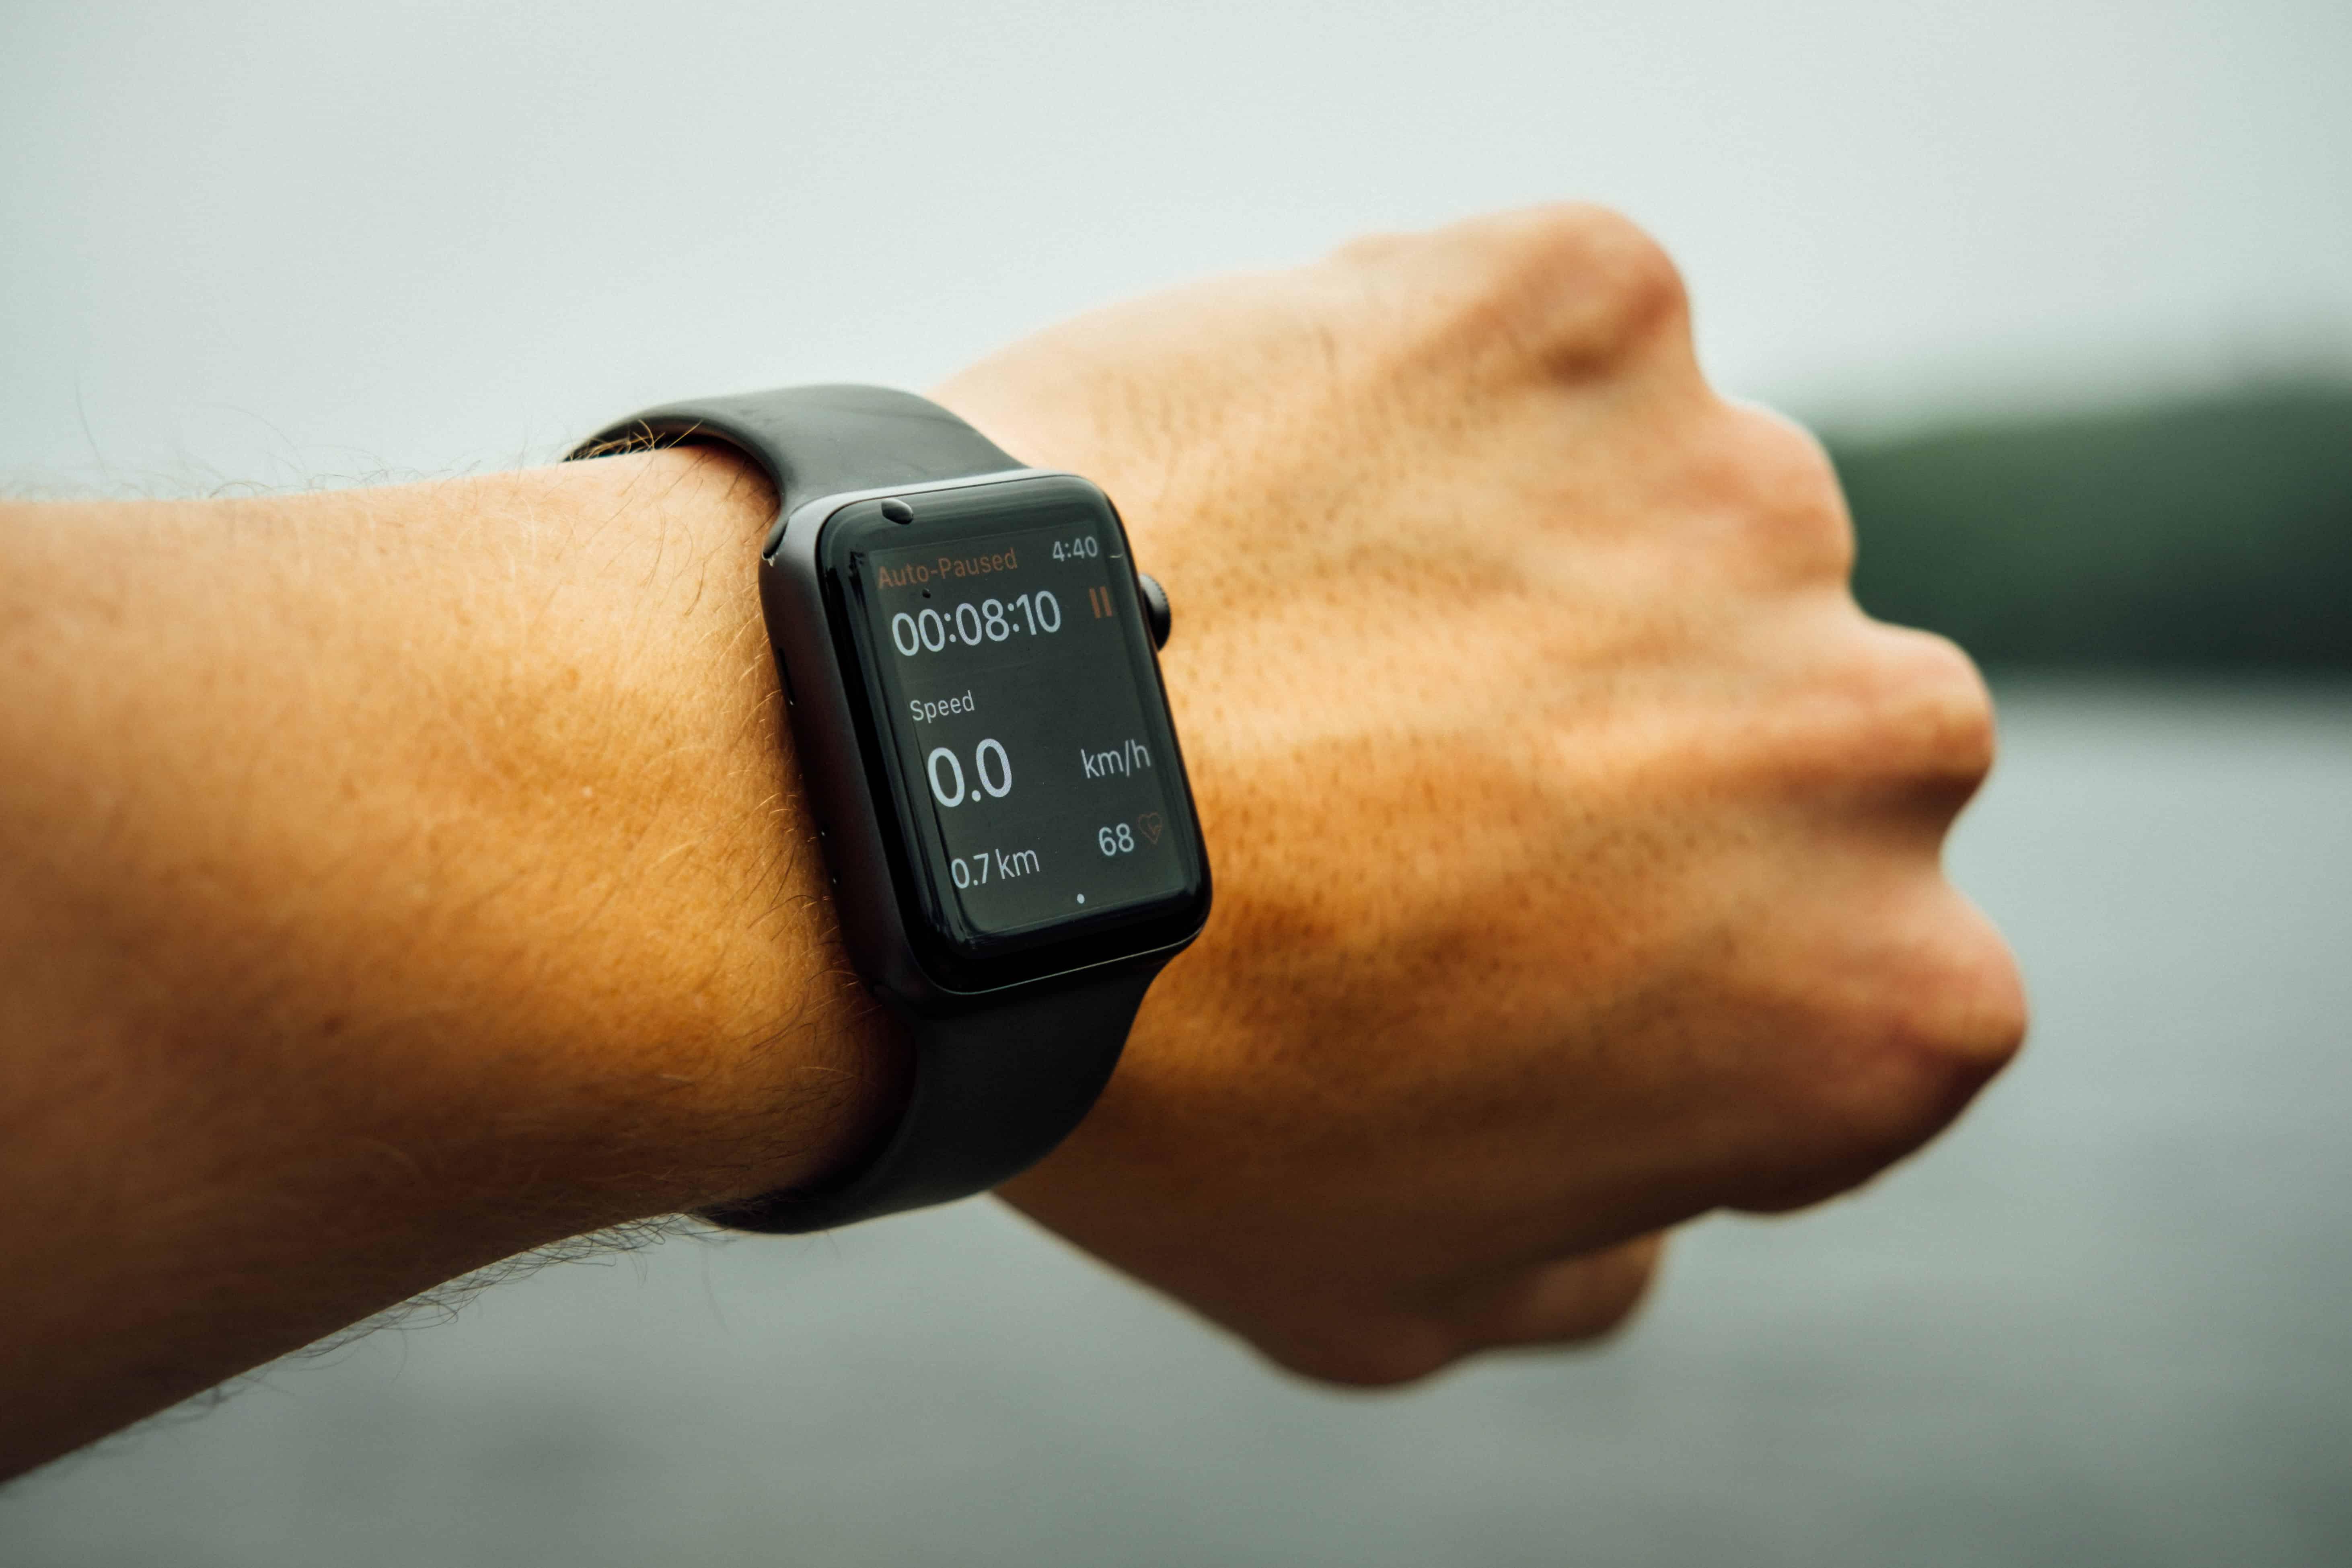 GPS Uhr: Test & Empfehlungen (01/20)